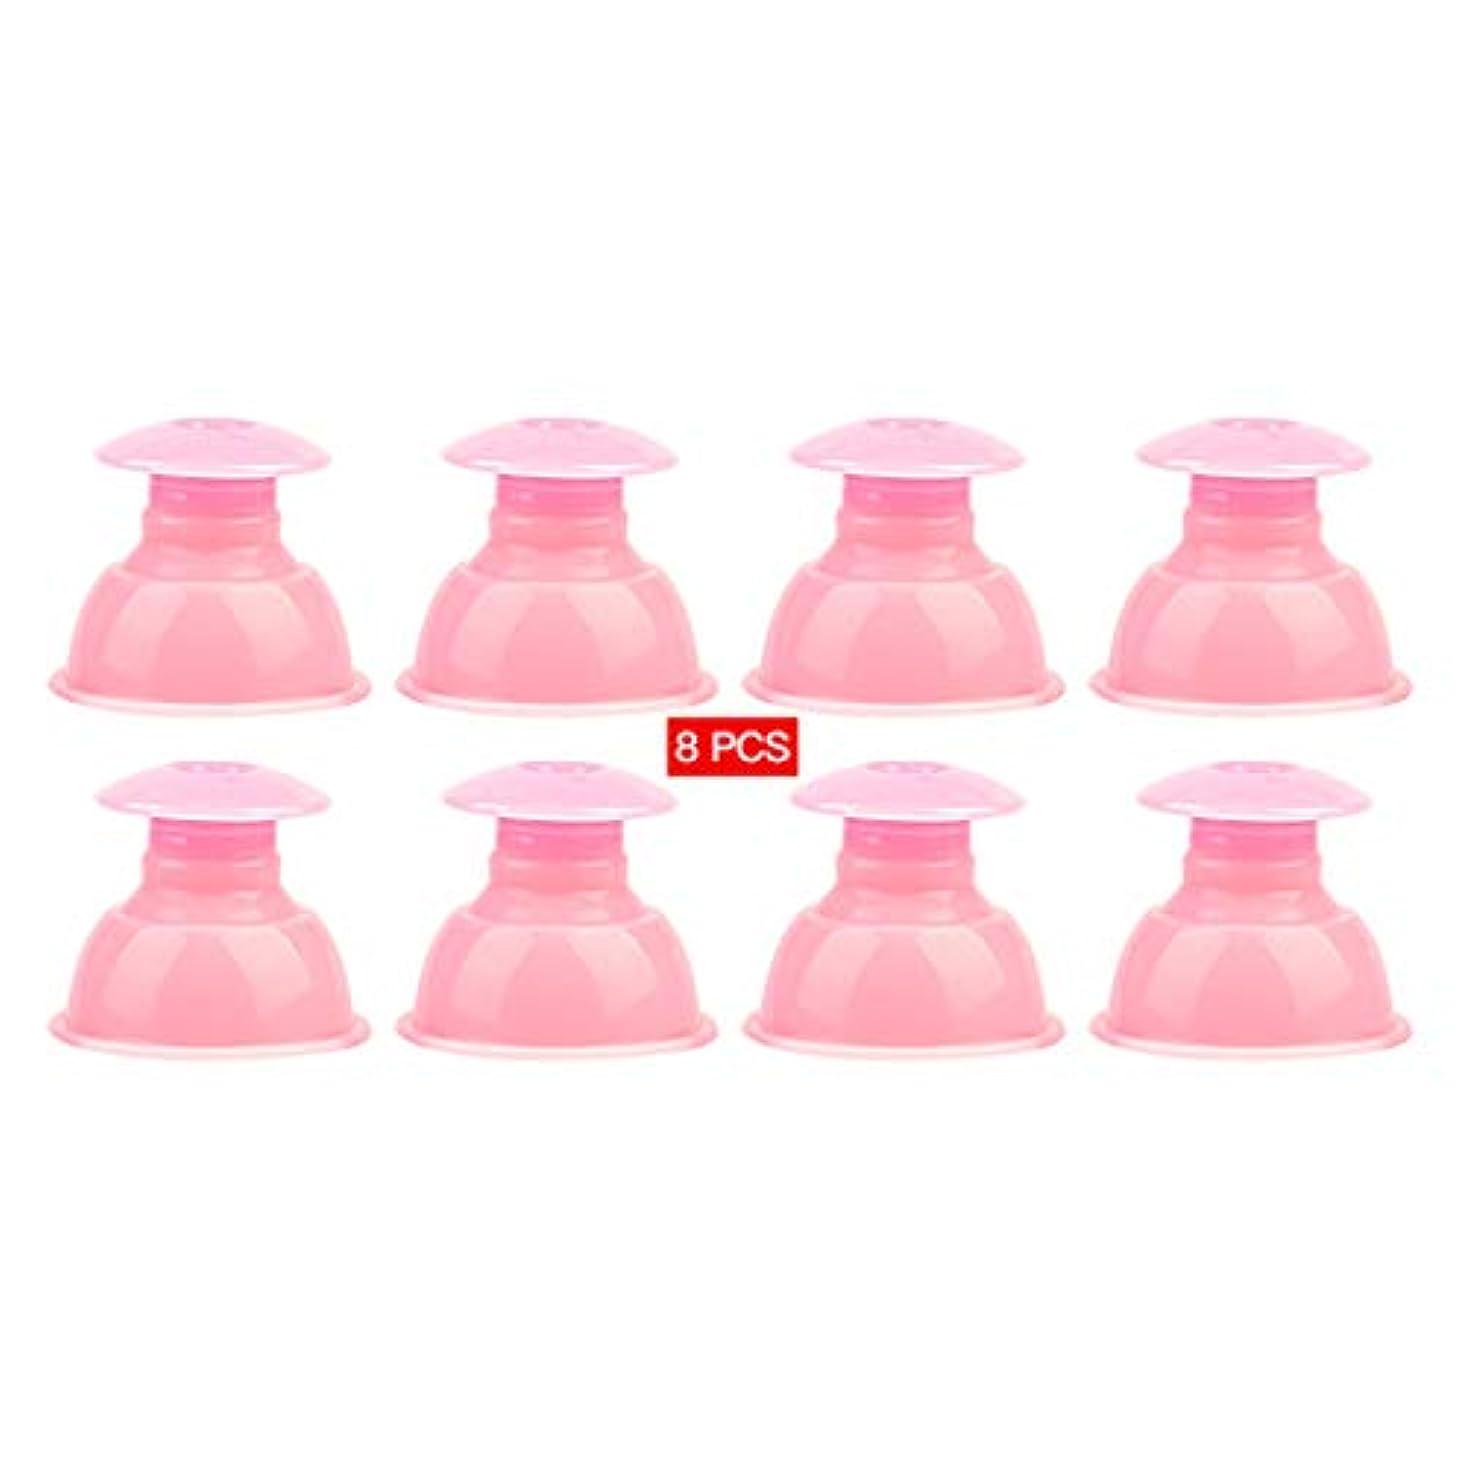 盲信喜ぶ正気吸い玉 カッピング シリコン製 水洗いOK 繰り返し使える 55×35×48mm 8個セット ピンク